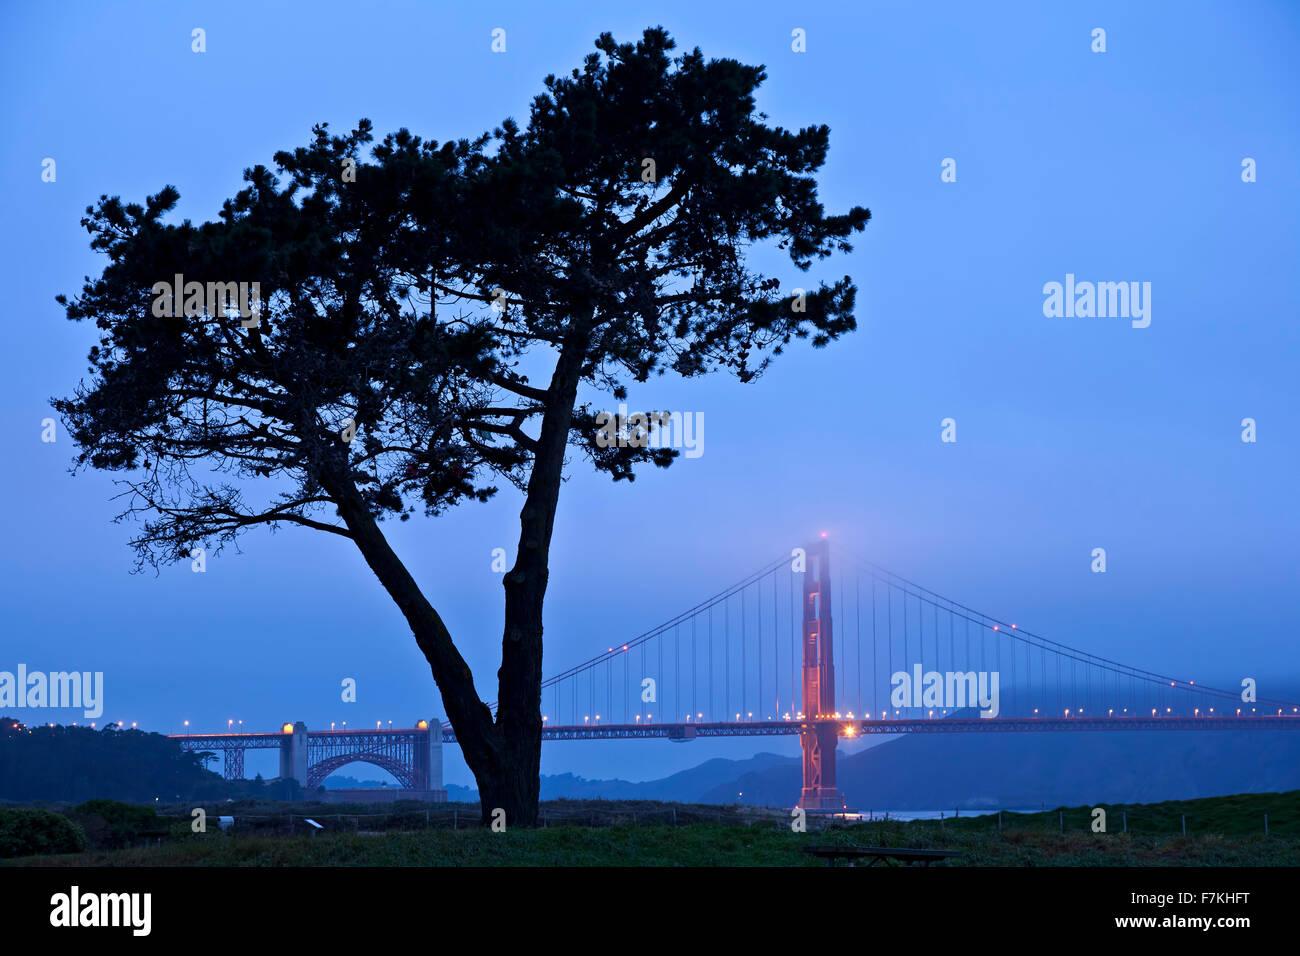 Baum und Golden Gate Bridge im Nebel, San Francisco, Kalifornien, USA Stockbild